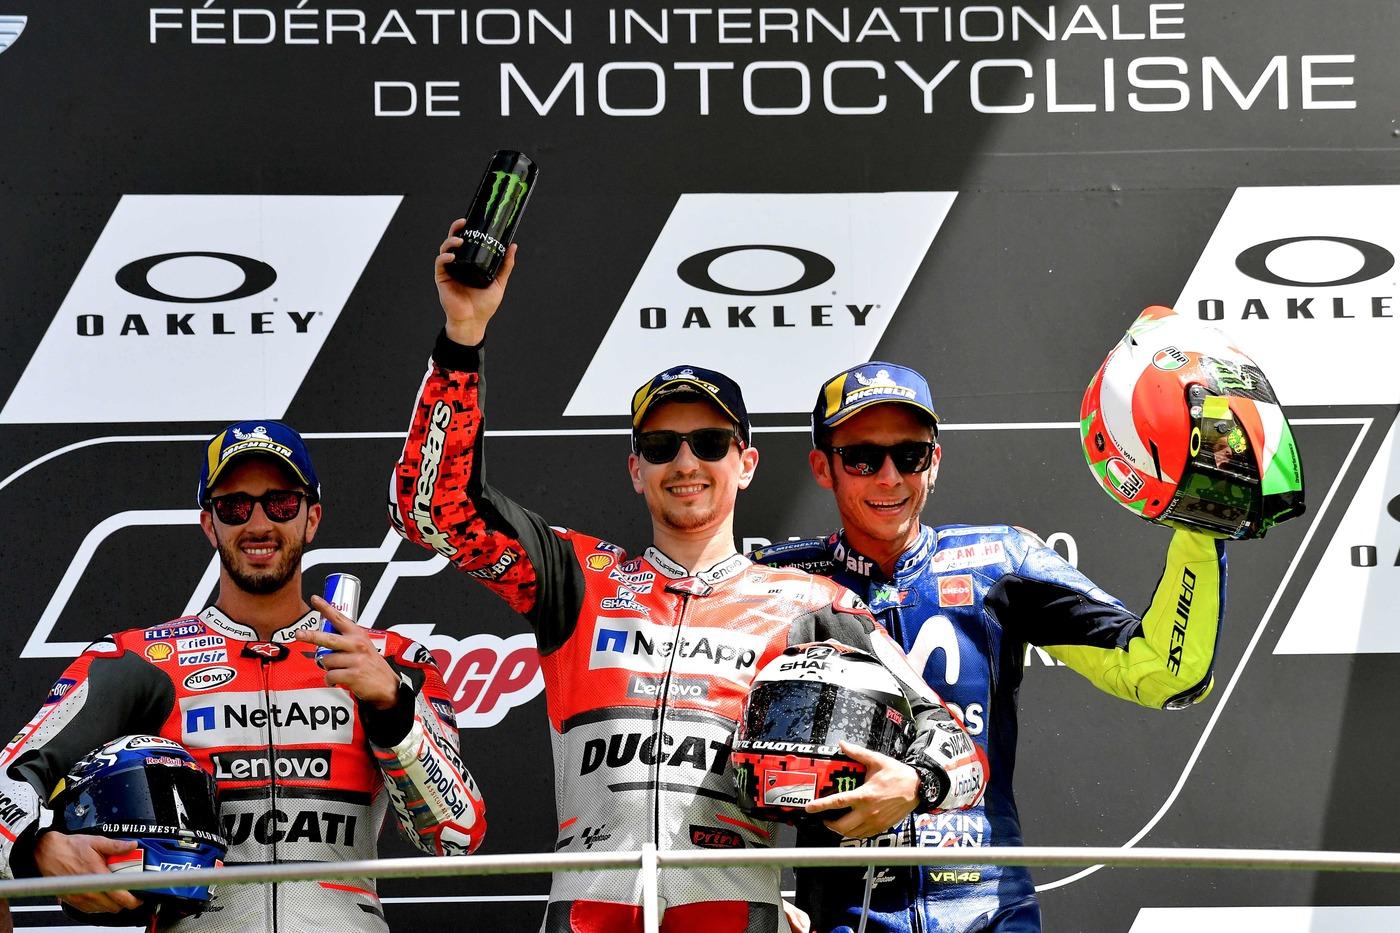 MotoGp, Lorenzo conquista la pole